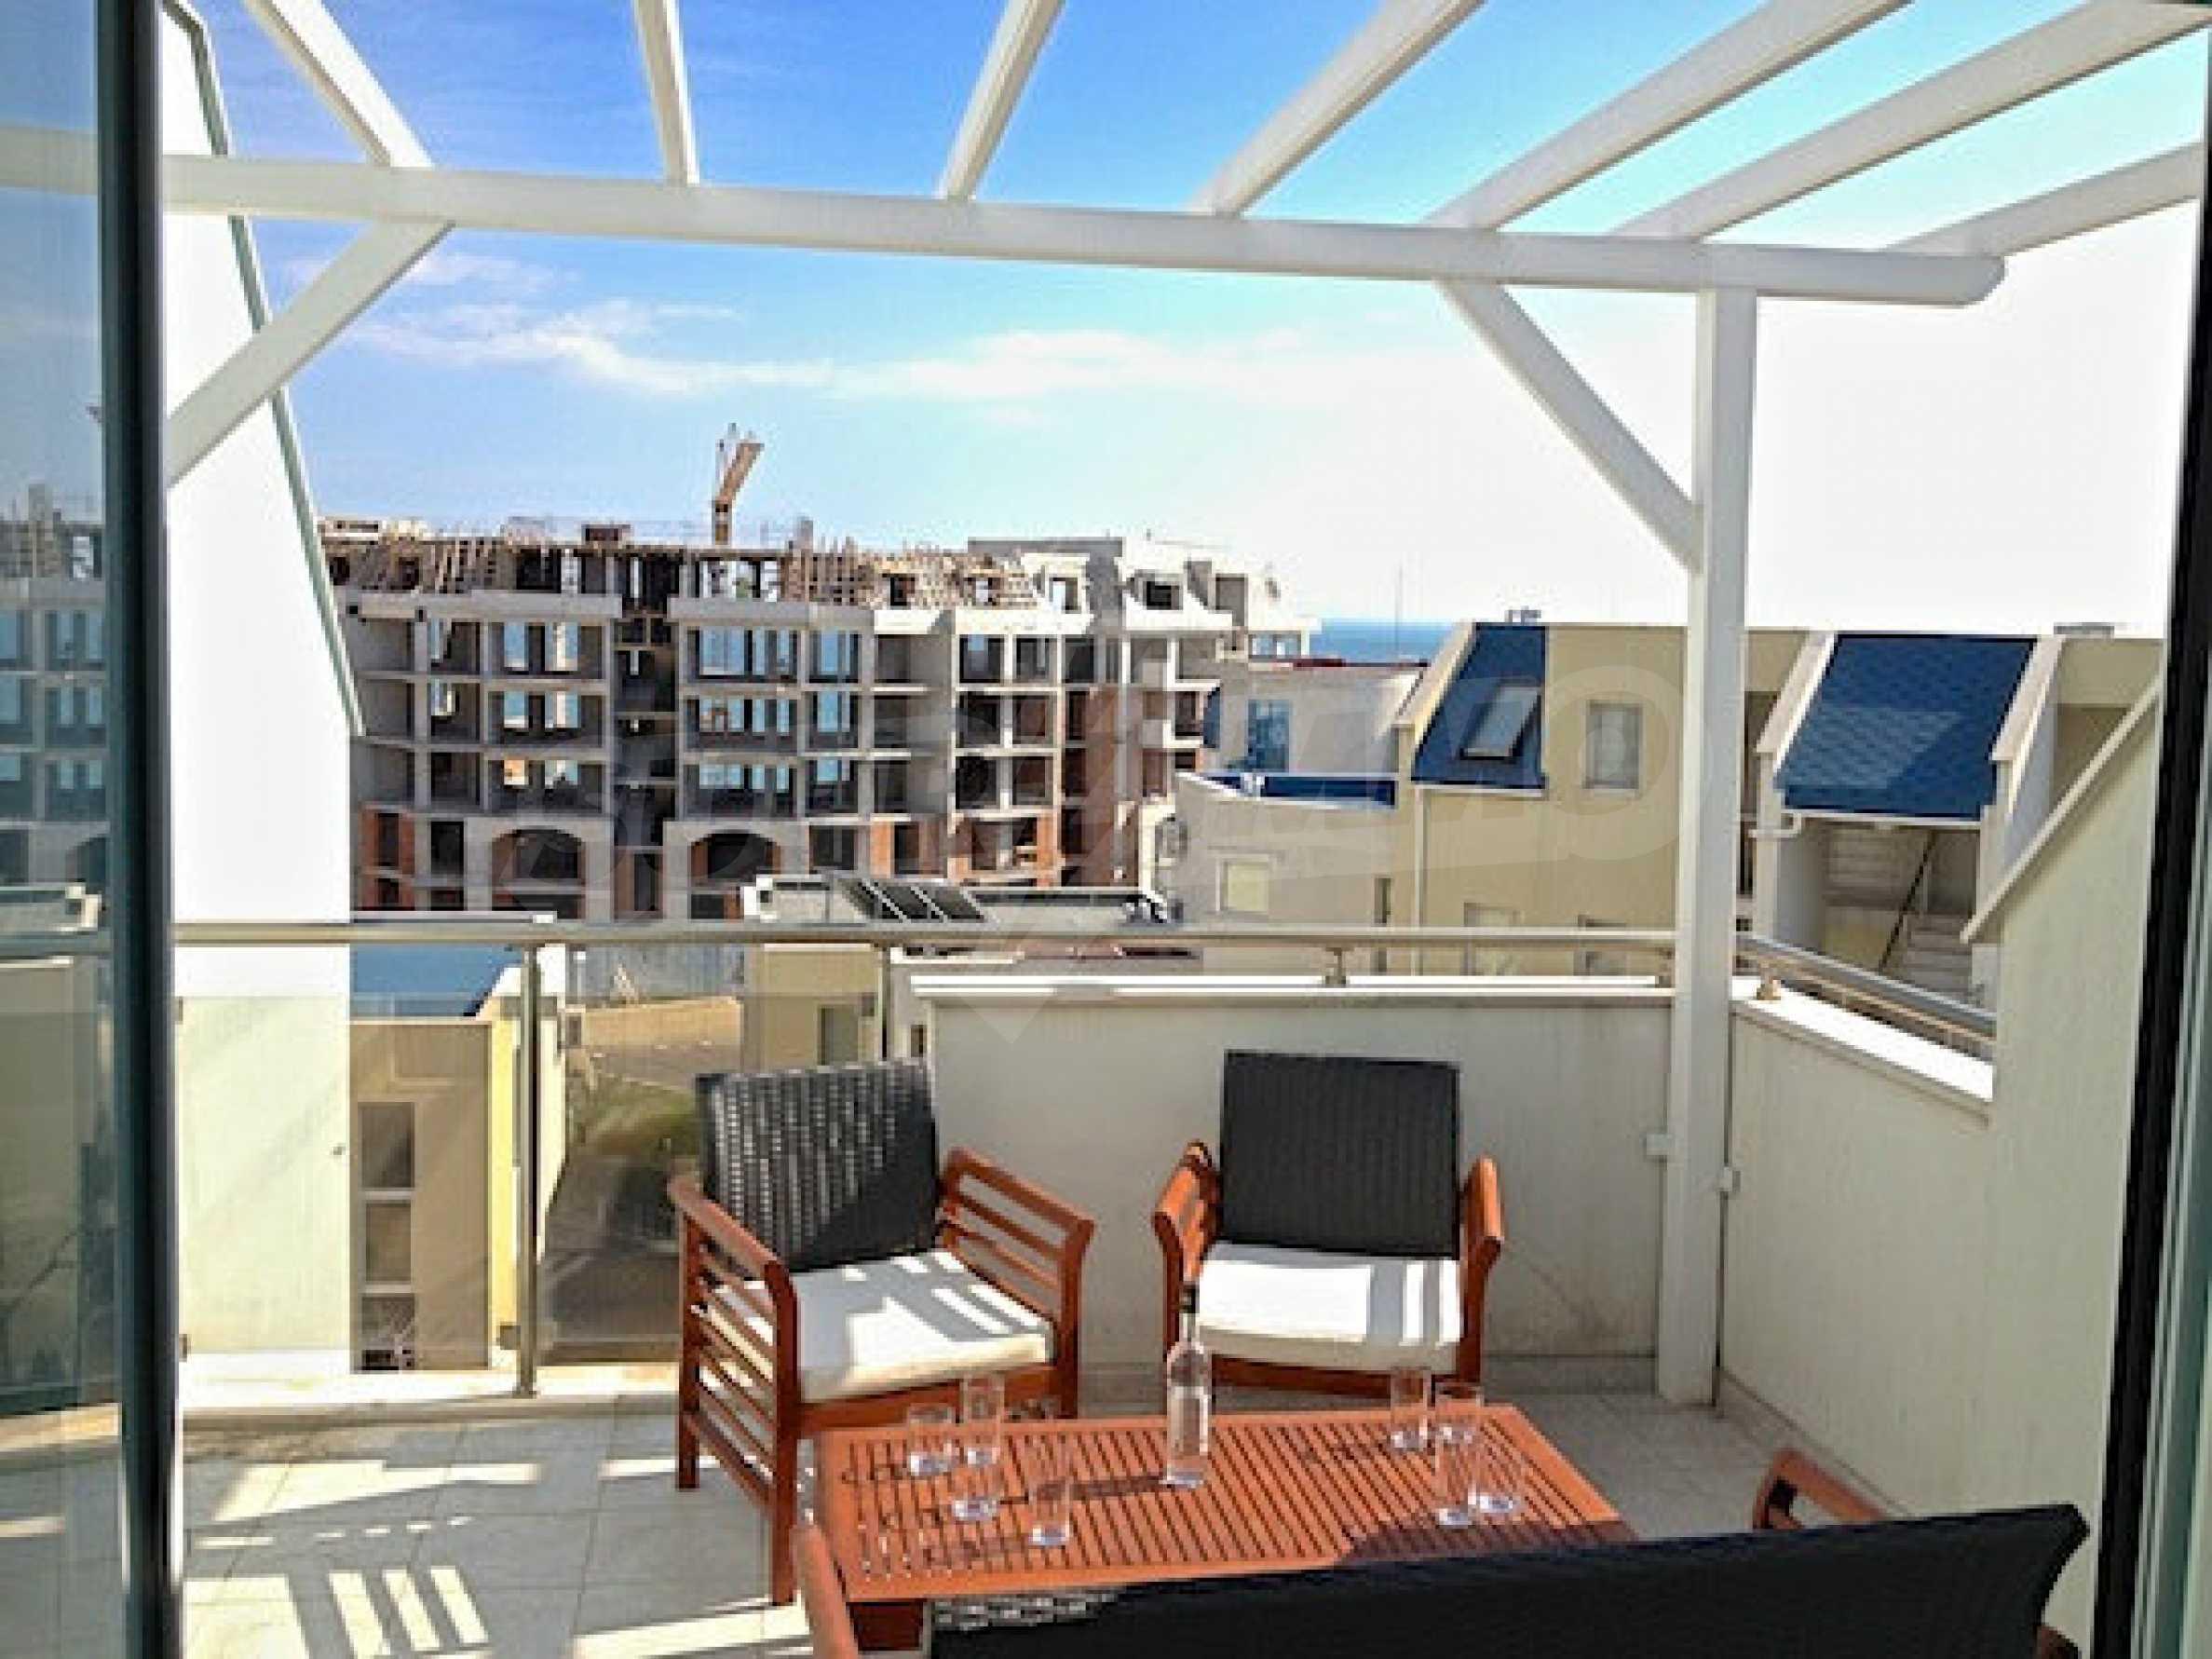 Zwei-Zimmer-Wohnung in einem Komplex 50 Meter vom Meer entfernt 11